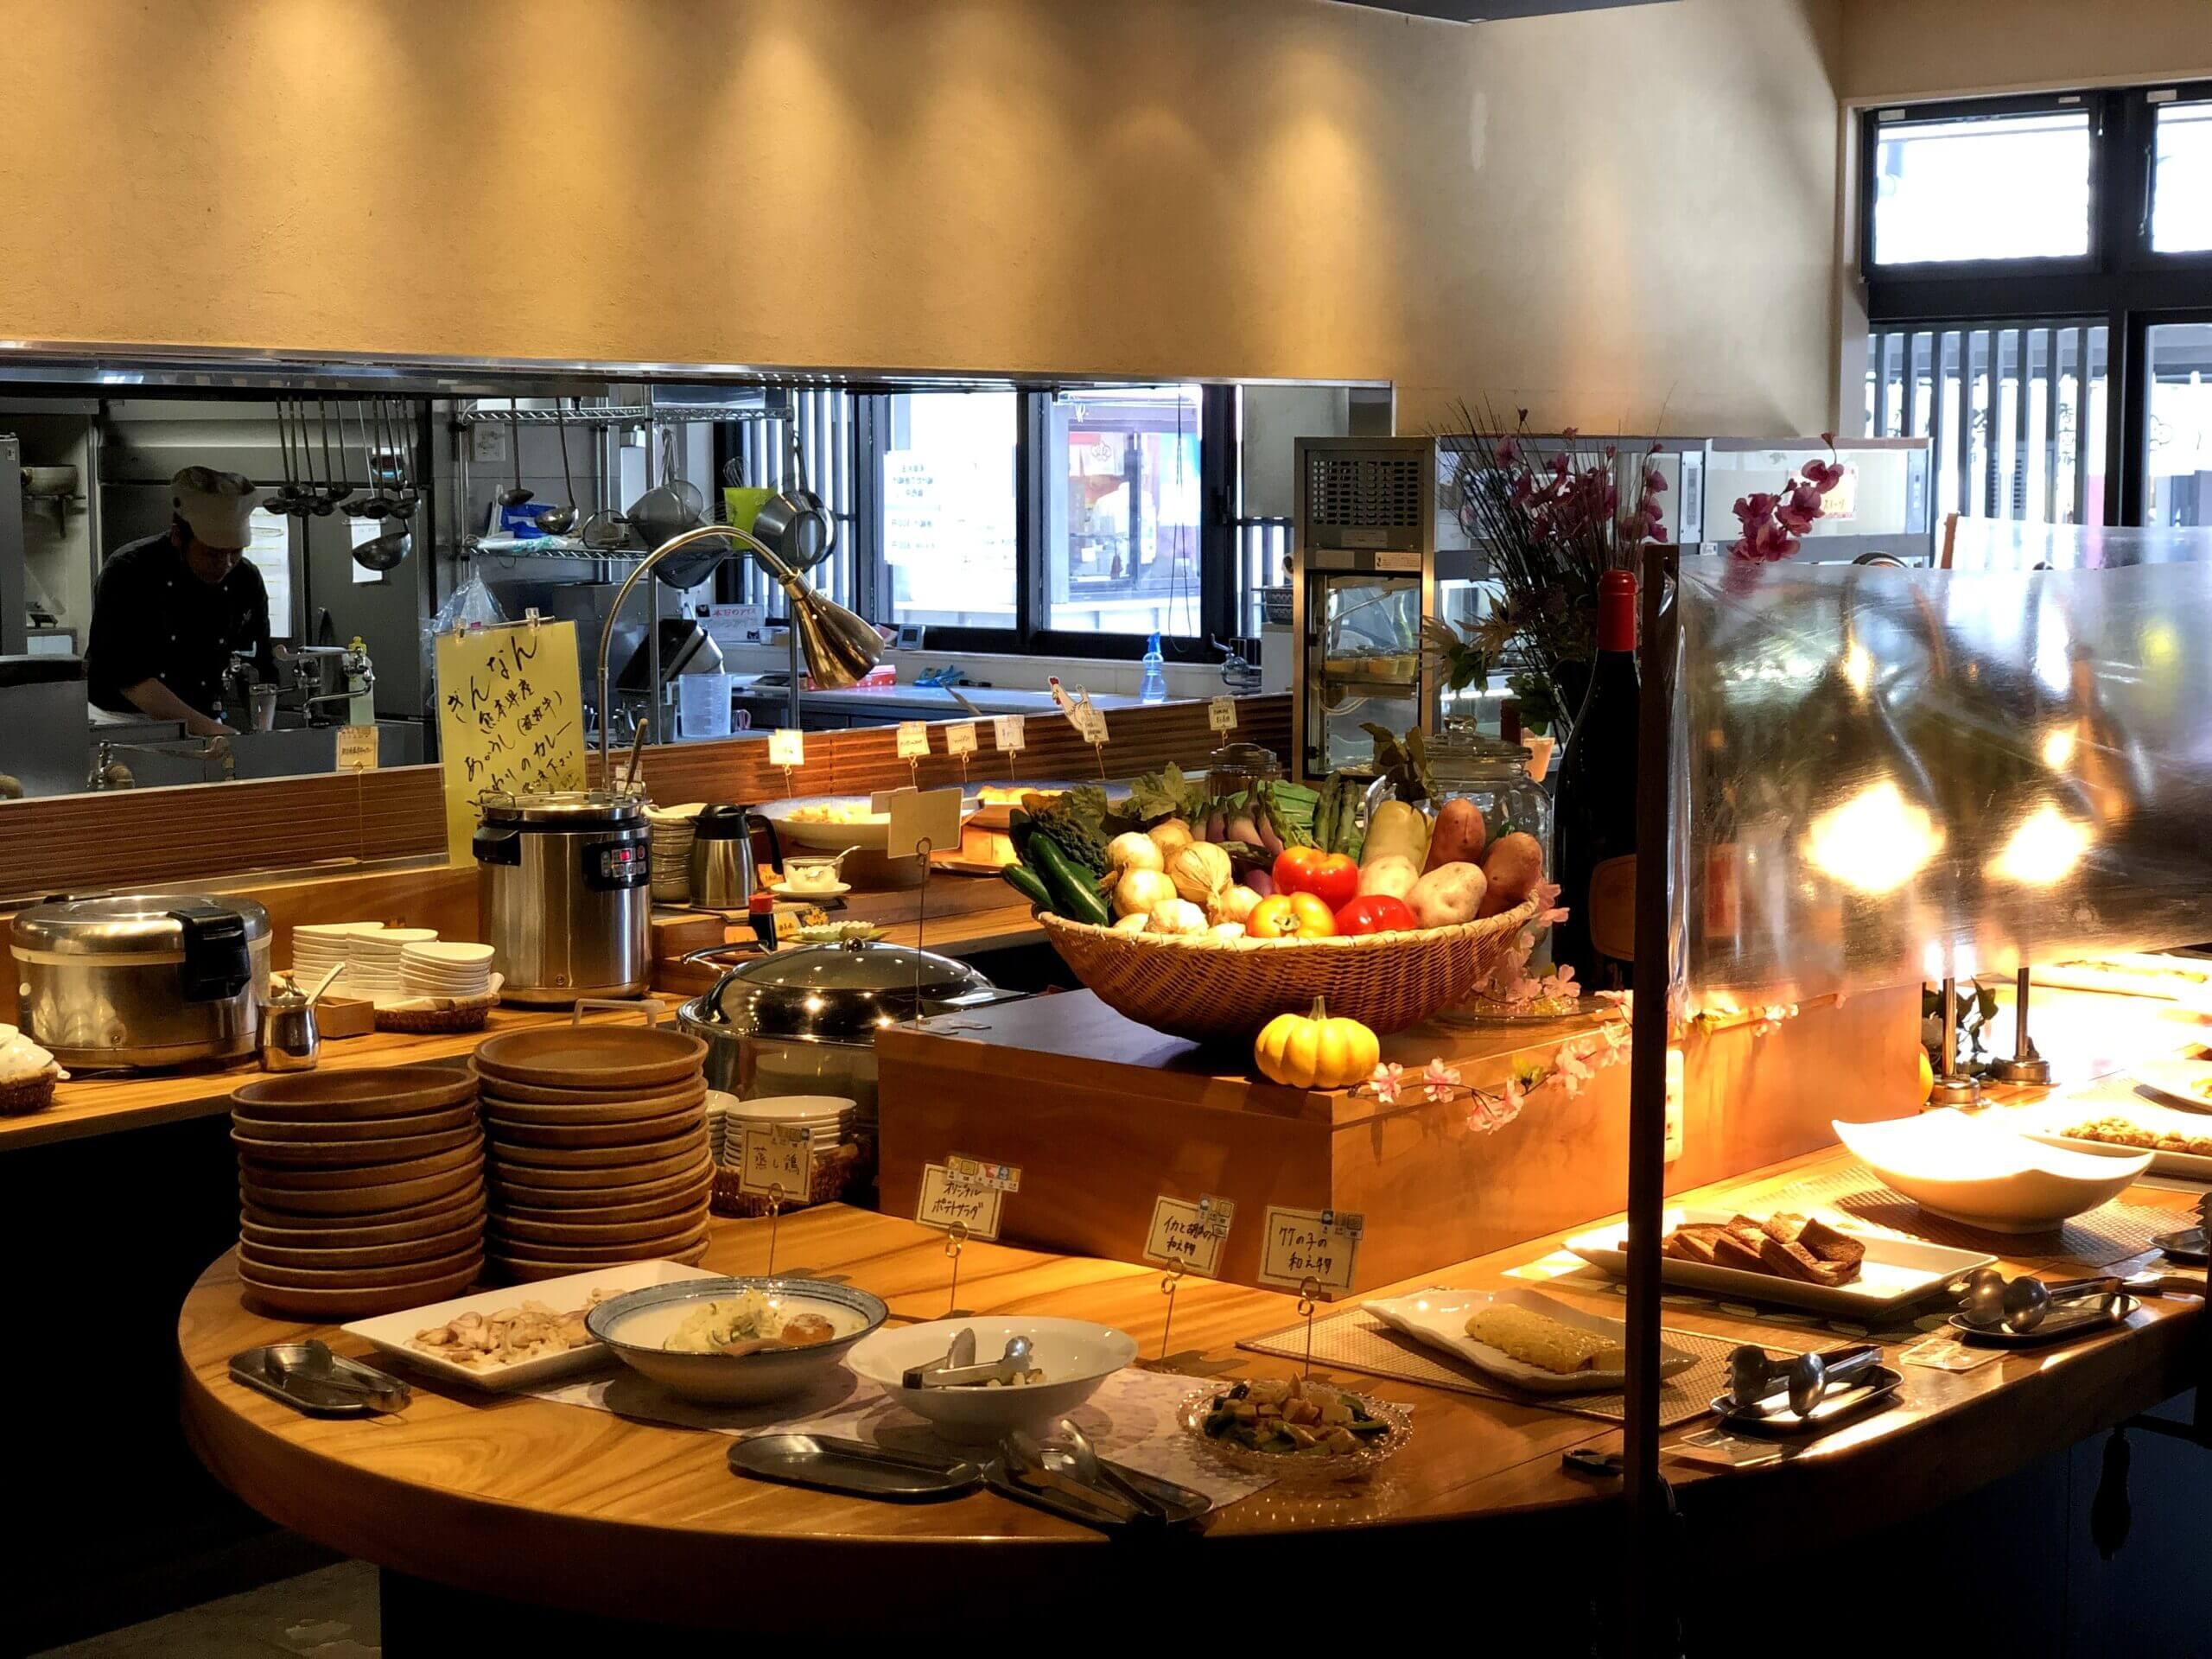 【ビュッフェレストラン ぎんなん】旬の素材や郷土料理を使った満足ビュッフェ《熊本市中央区二の丸》